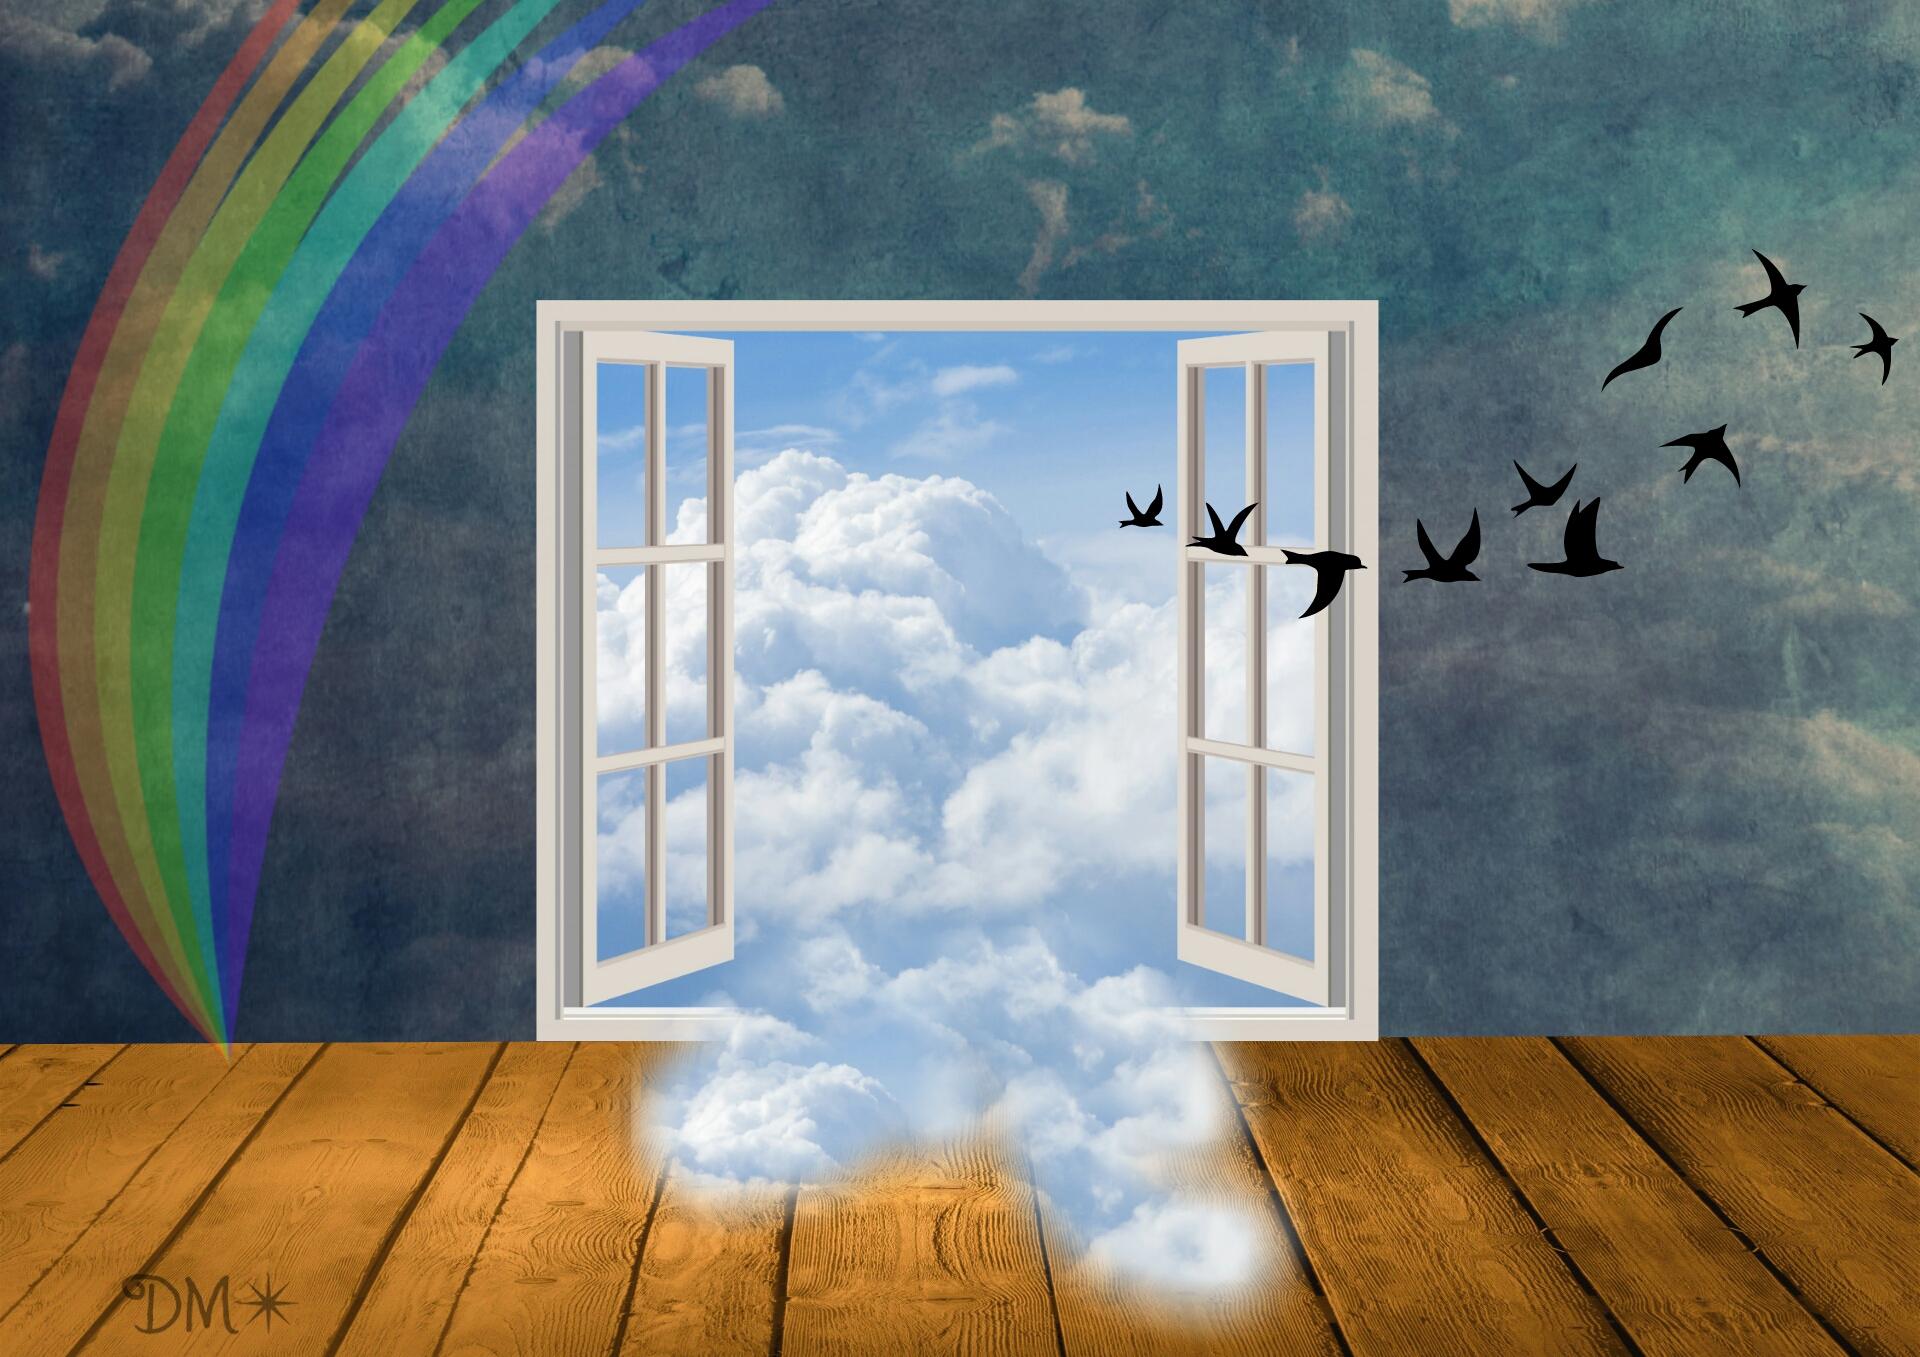 картинки небо двери качестве окислителей